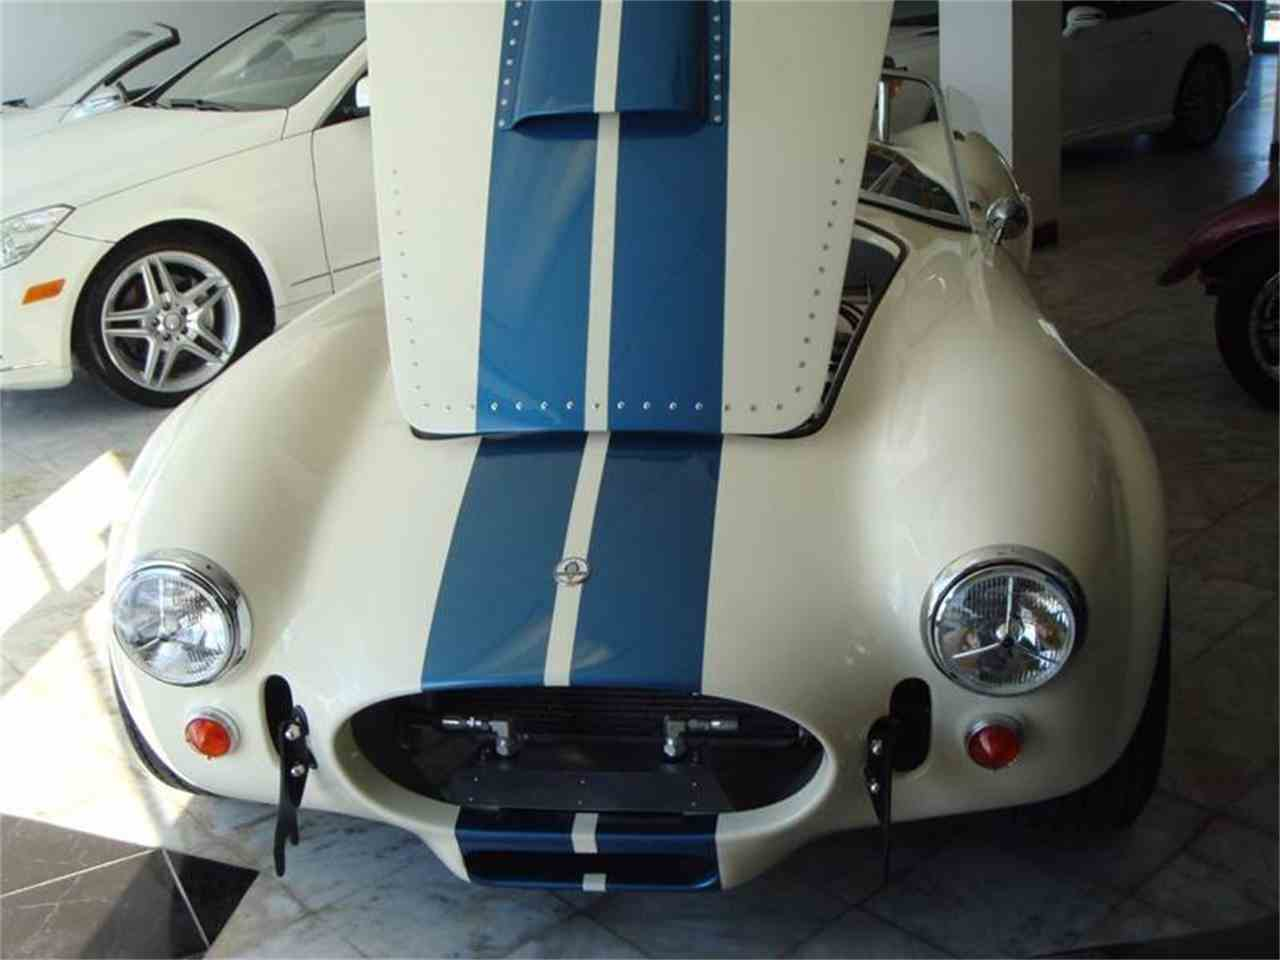 Shelby Cobra For Sale ClassicCarscom CC - Pompano classic cars